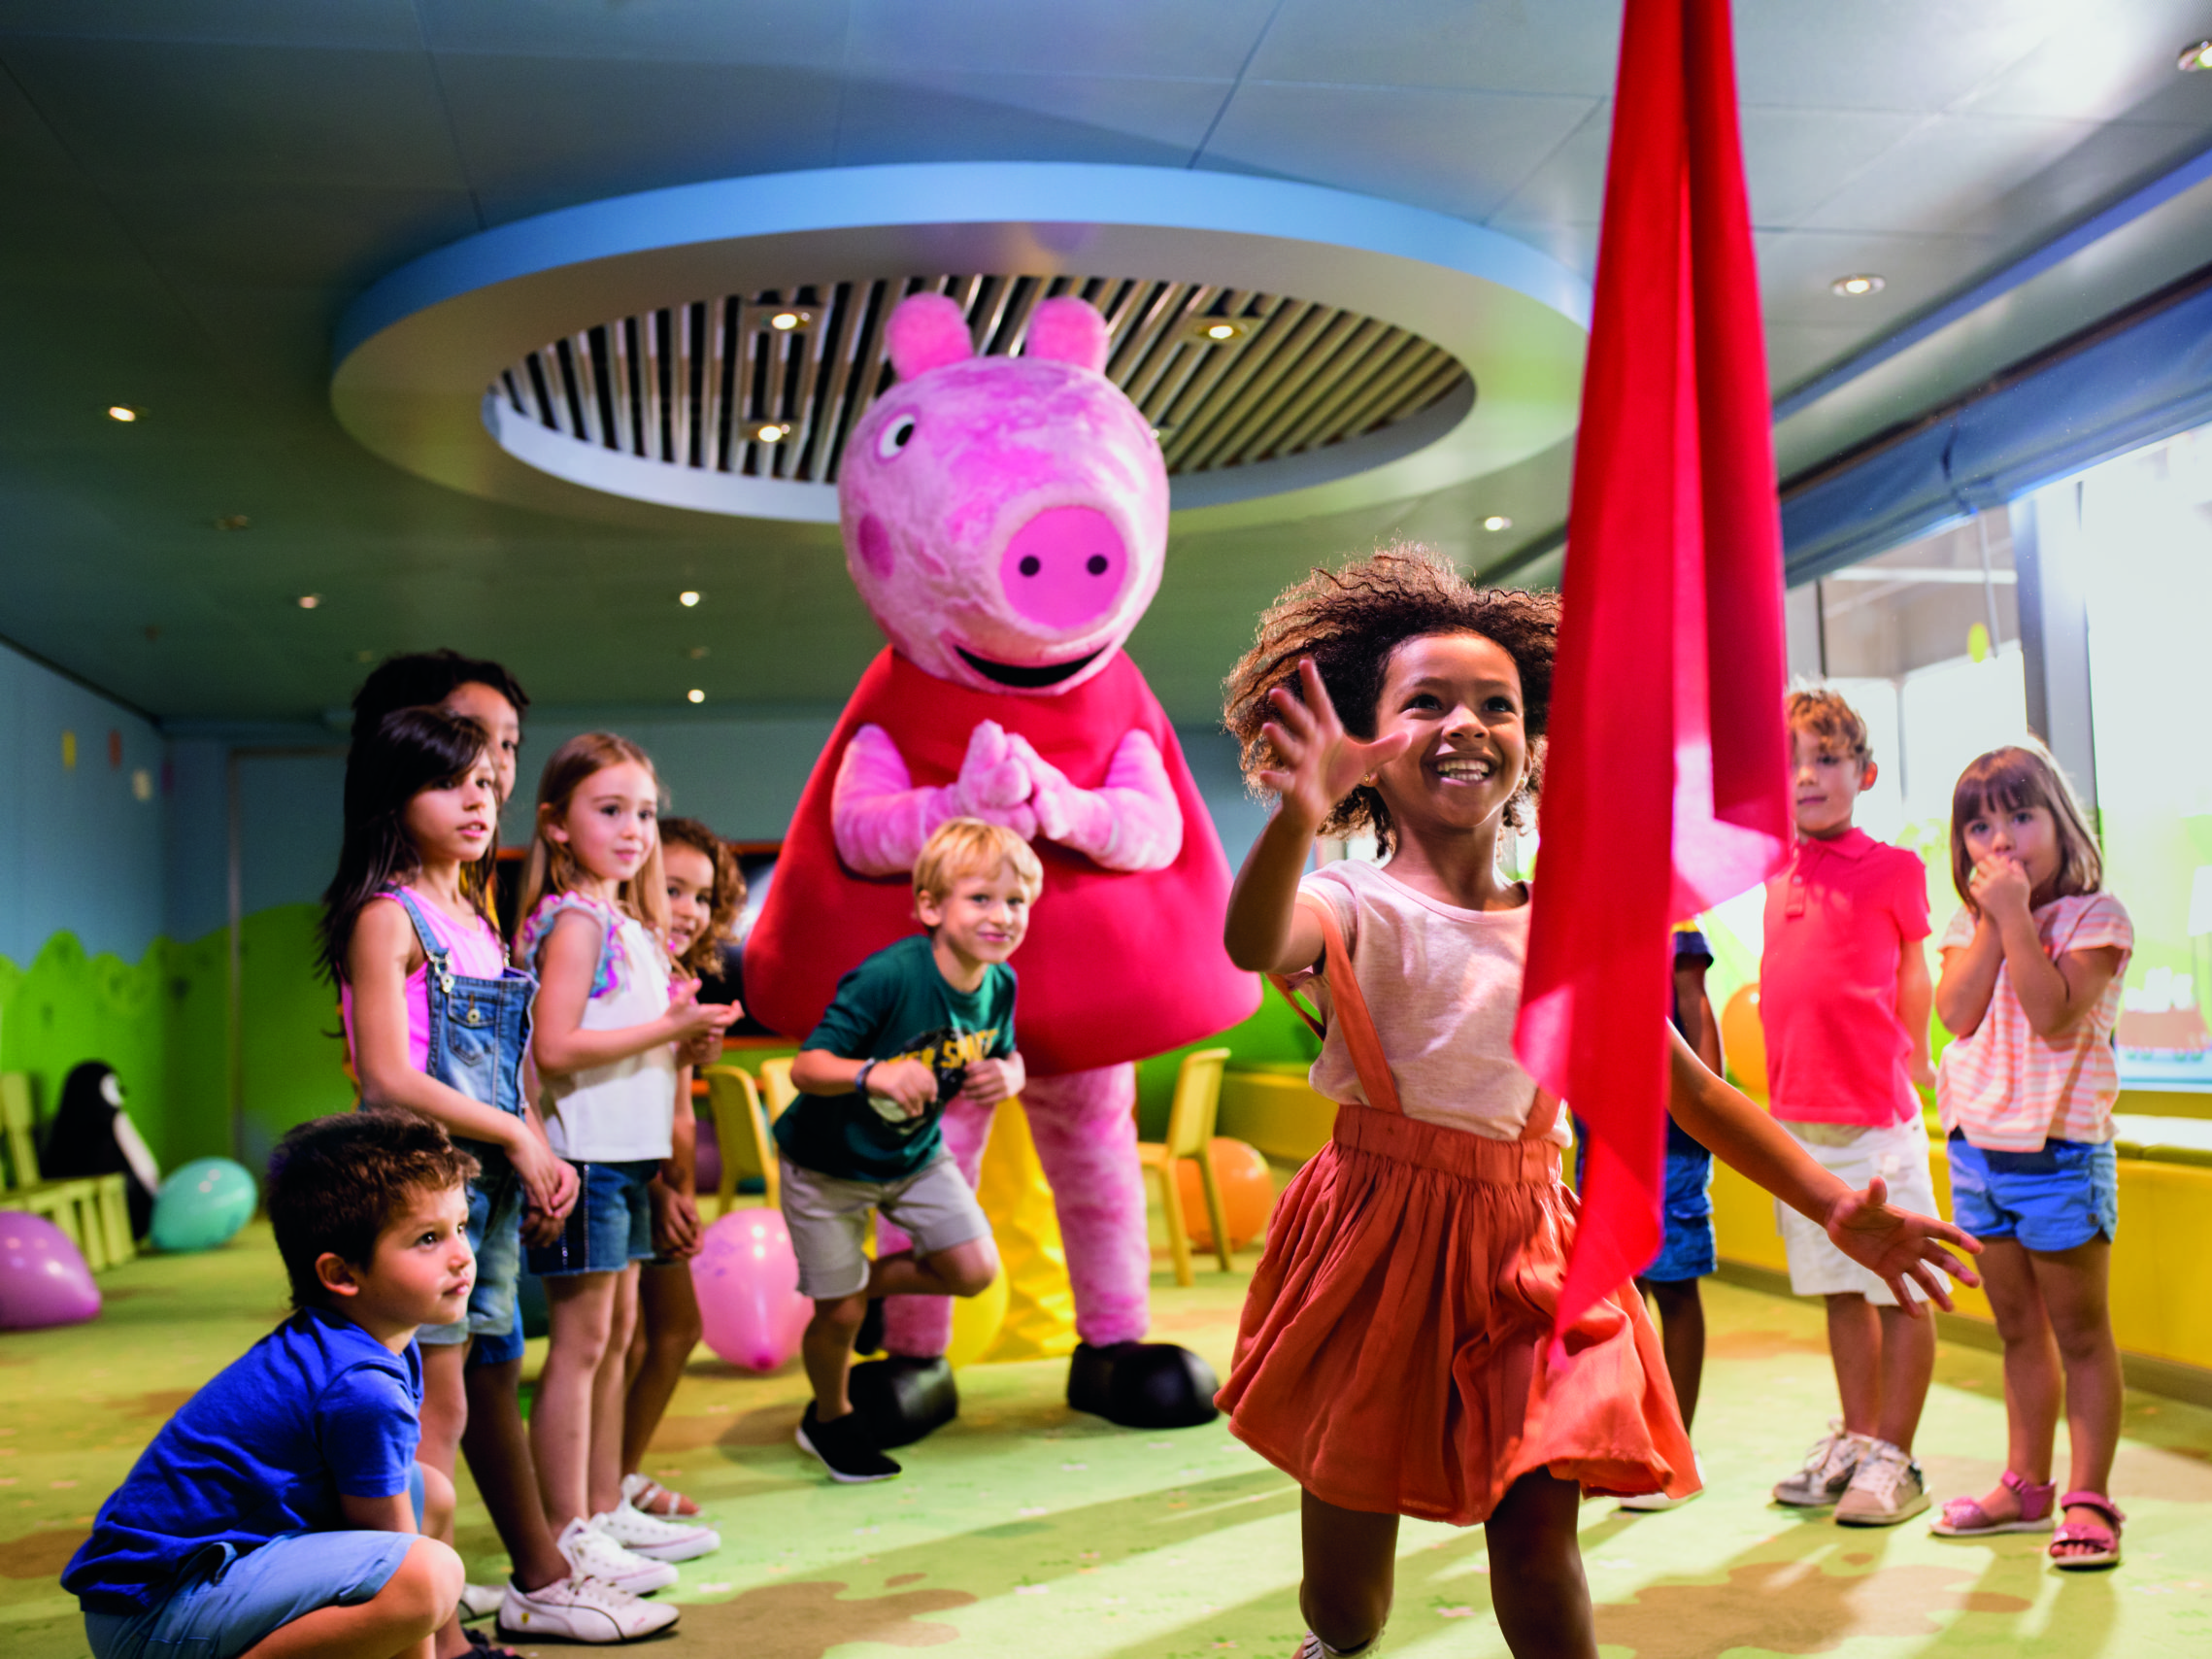 peppa big is aan het dansen met de kinderen